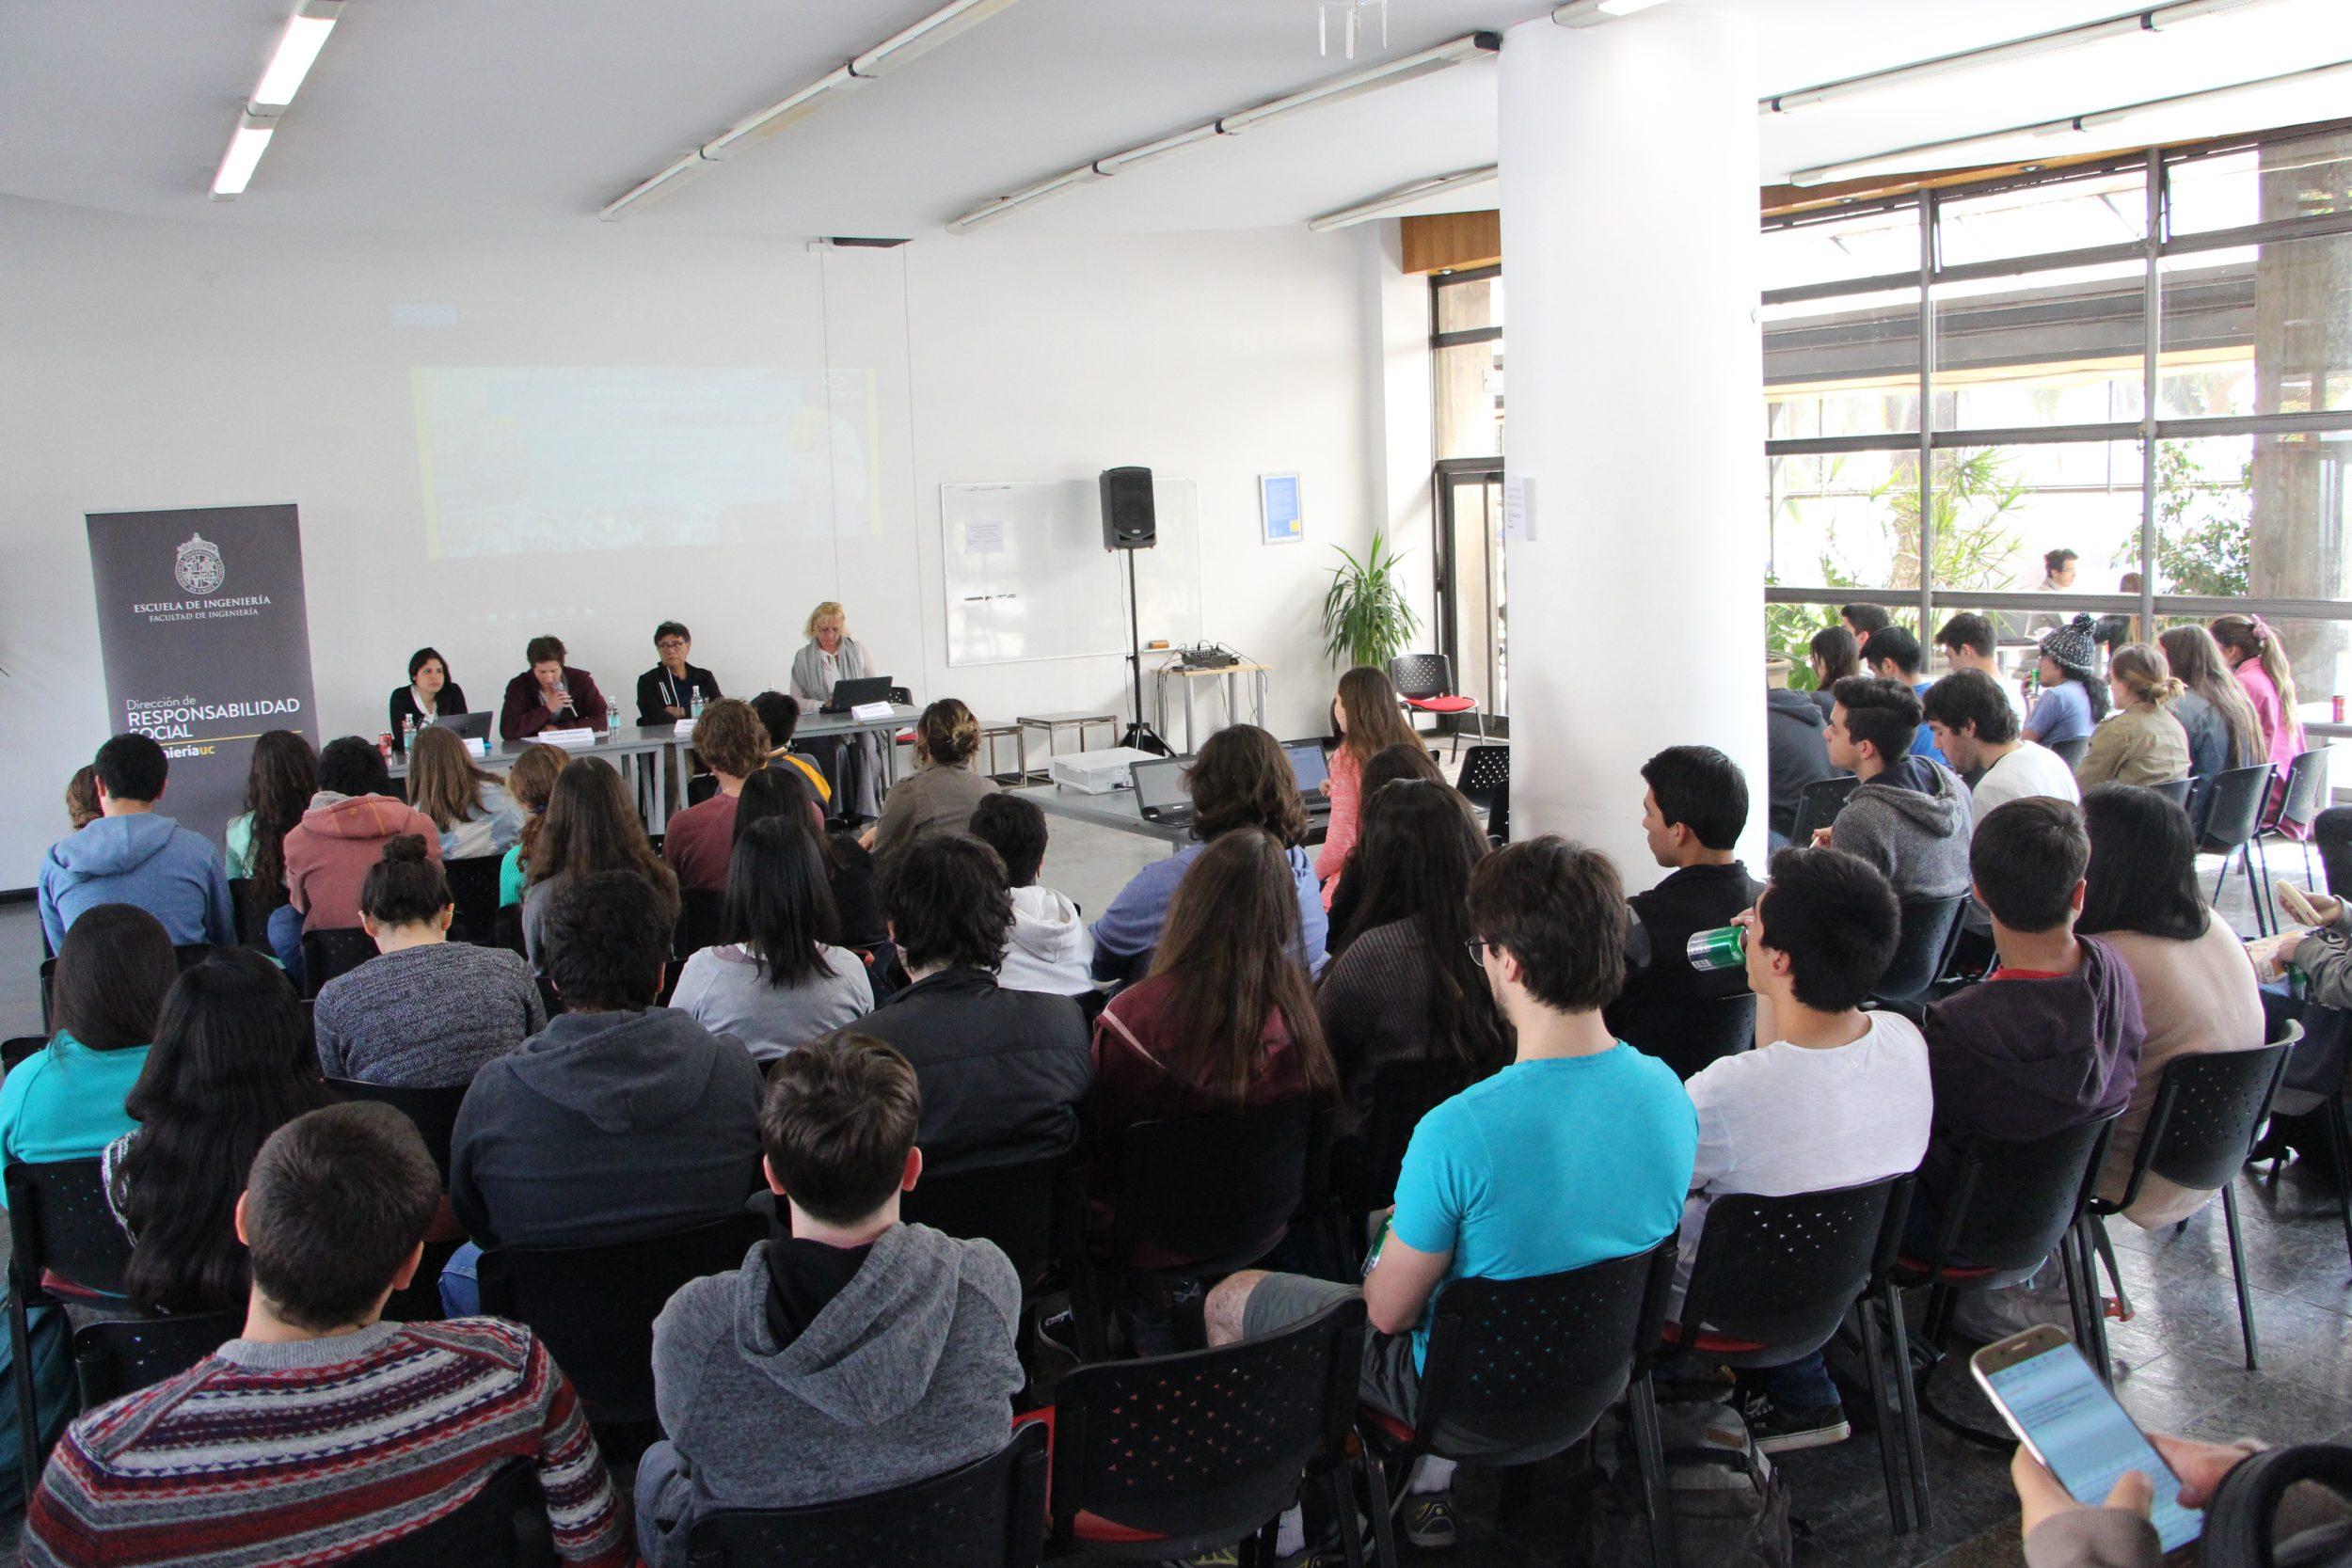 Representantes De Instituciones Sociales Muestran Opciones